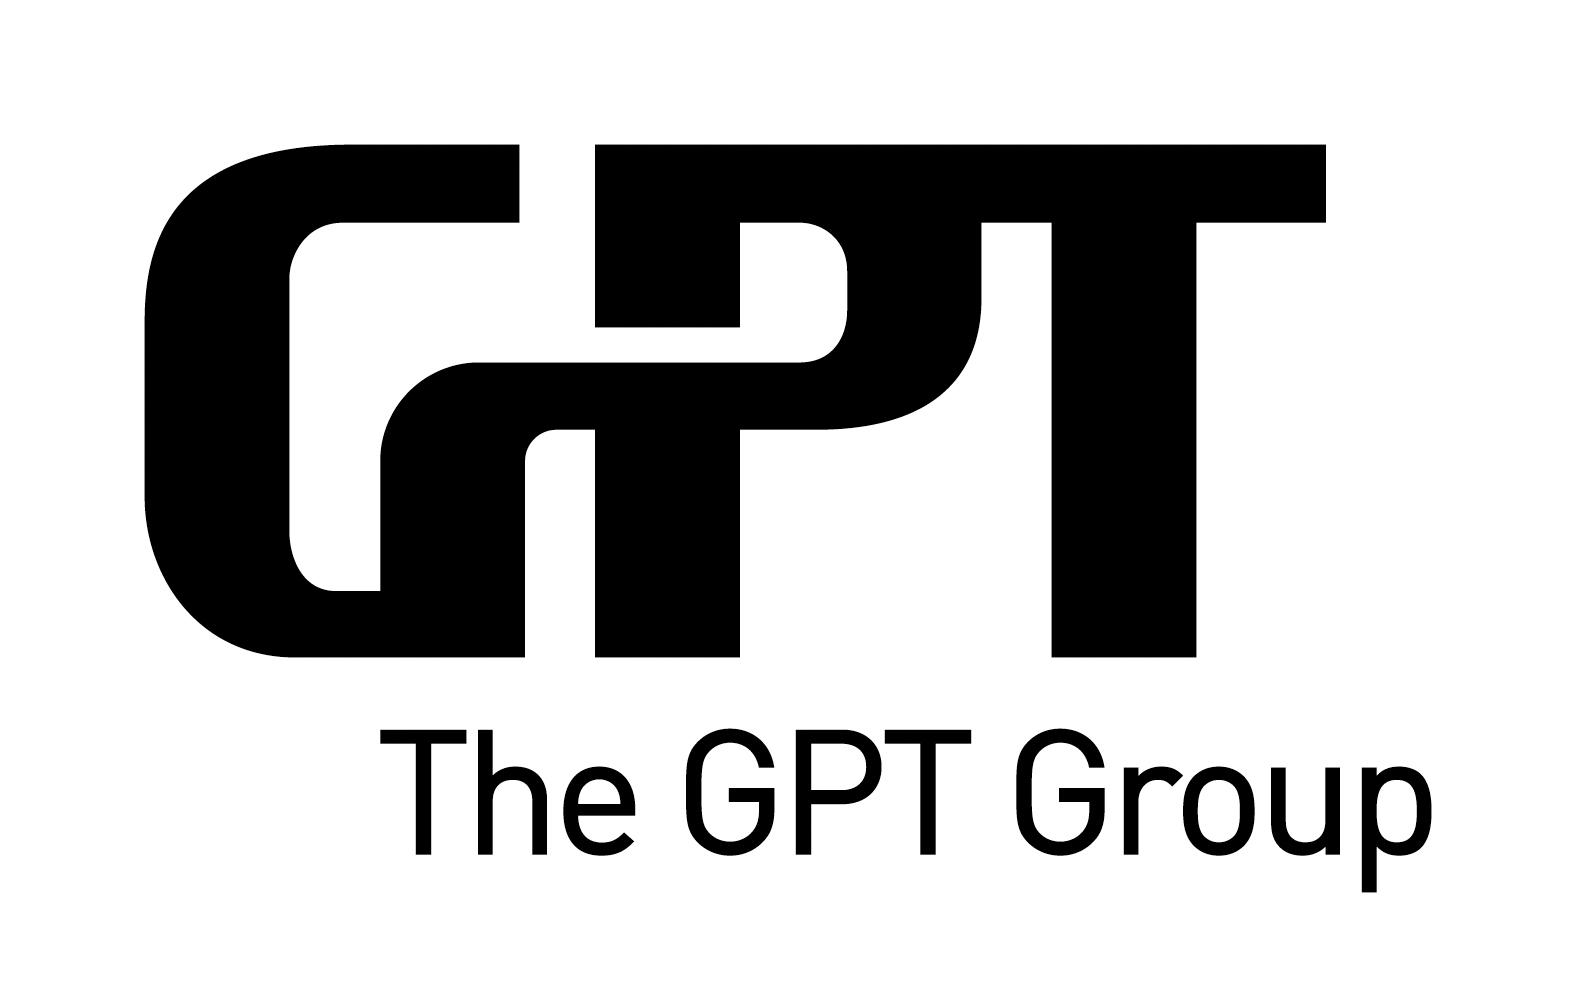 gpt-group-logo.jpg